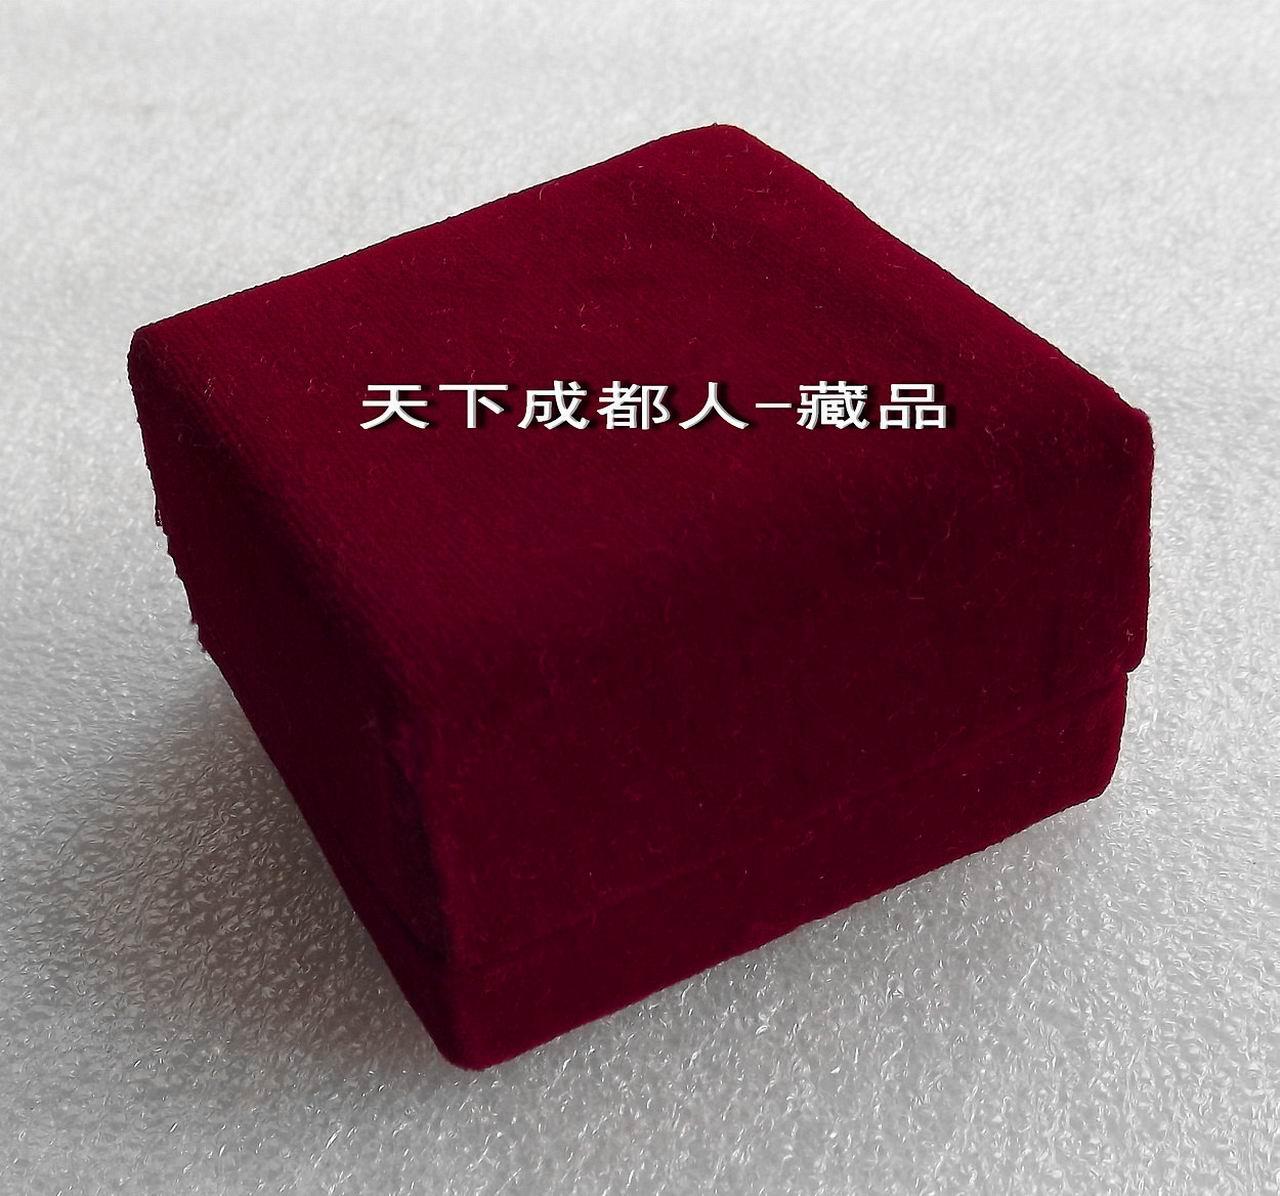 包装 包装盒 包装设计 盒子 设计 1280_1196